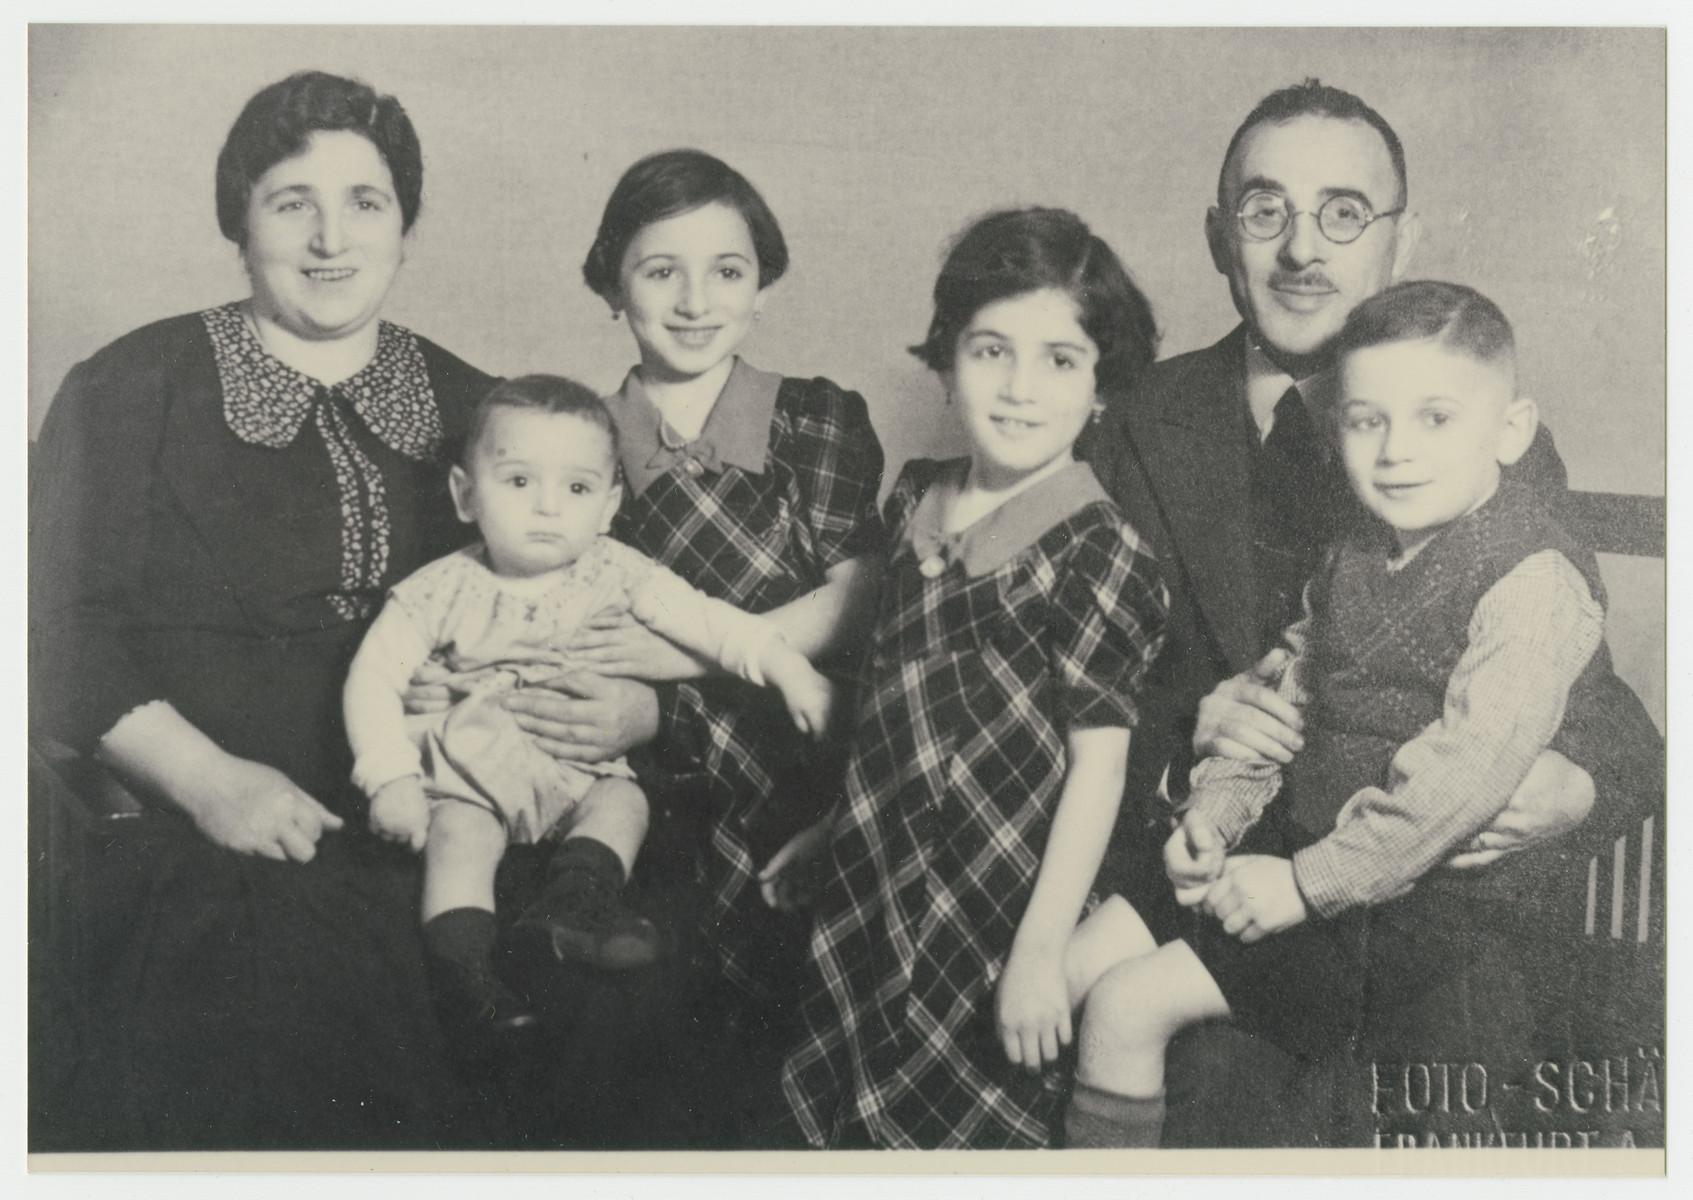 Portrait of the Oppenheimer family taken before the three older children left Germany for France.  Pictured from left to right are Frieda holding Eli, Mini, Miriam, Hermann and Karl Oppenheimer.